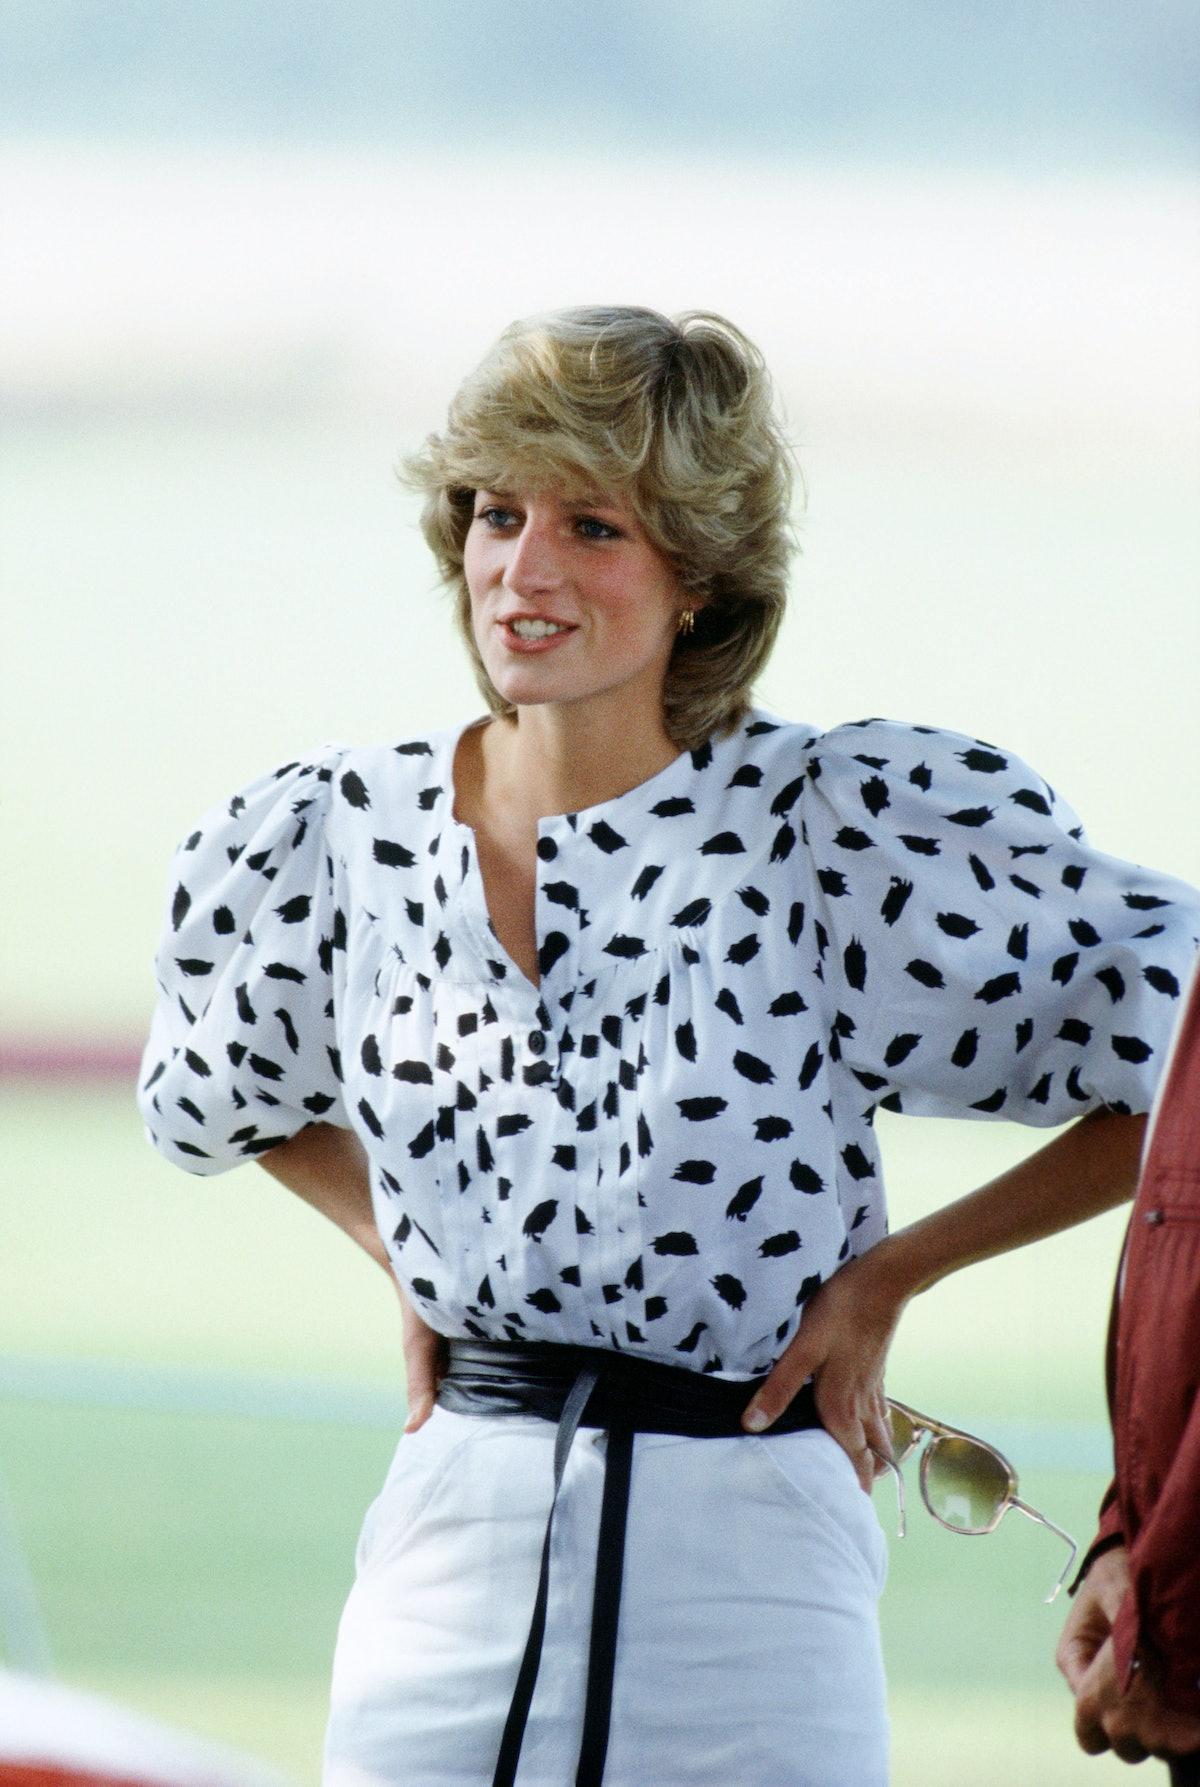 Princess Diana wearing polka dots